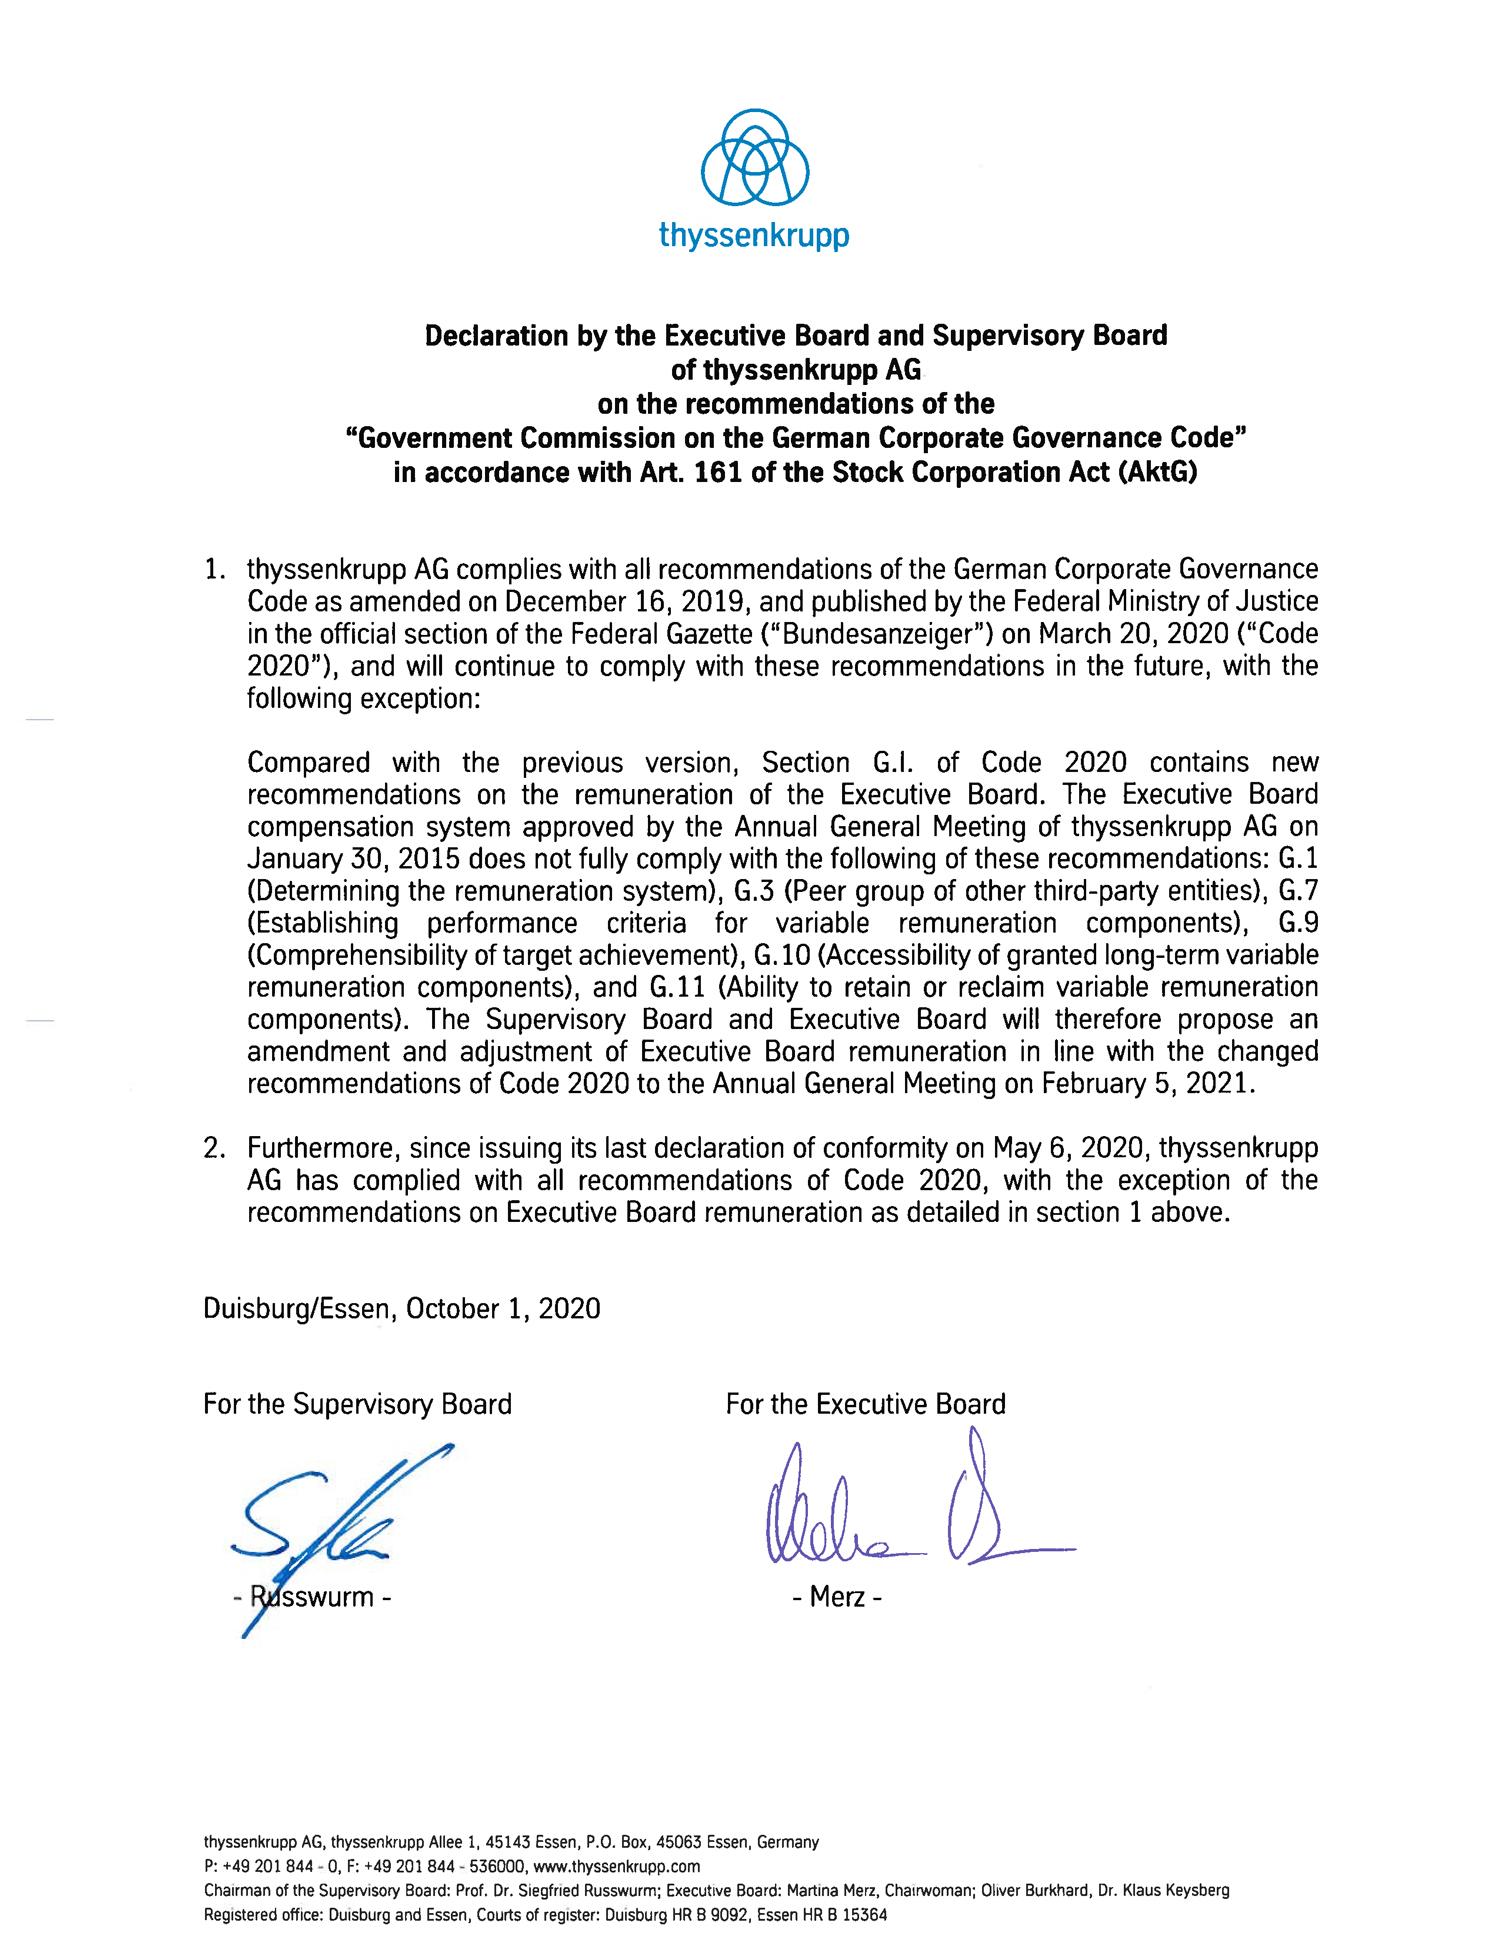 Declaration of conformity as of October 1, 2020